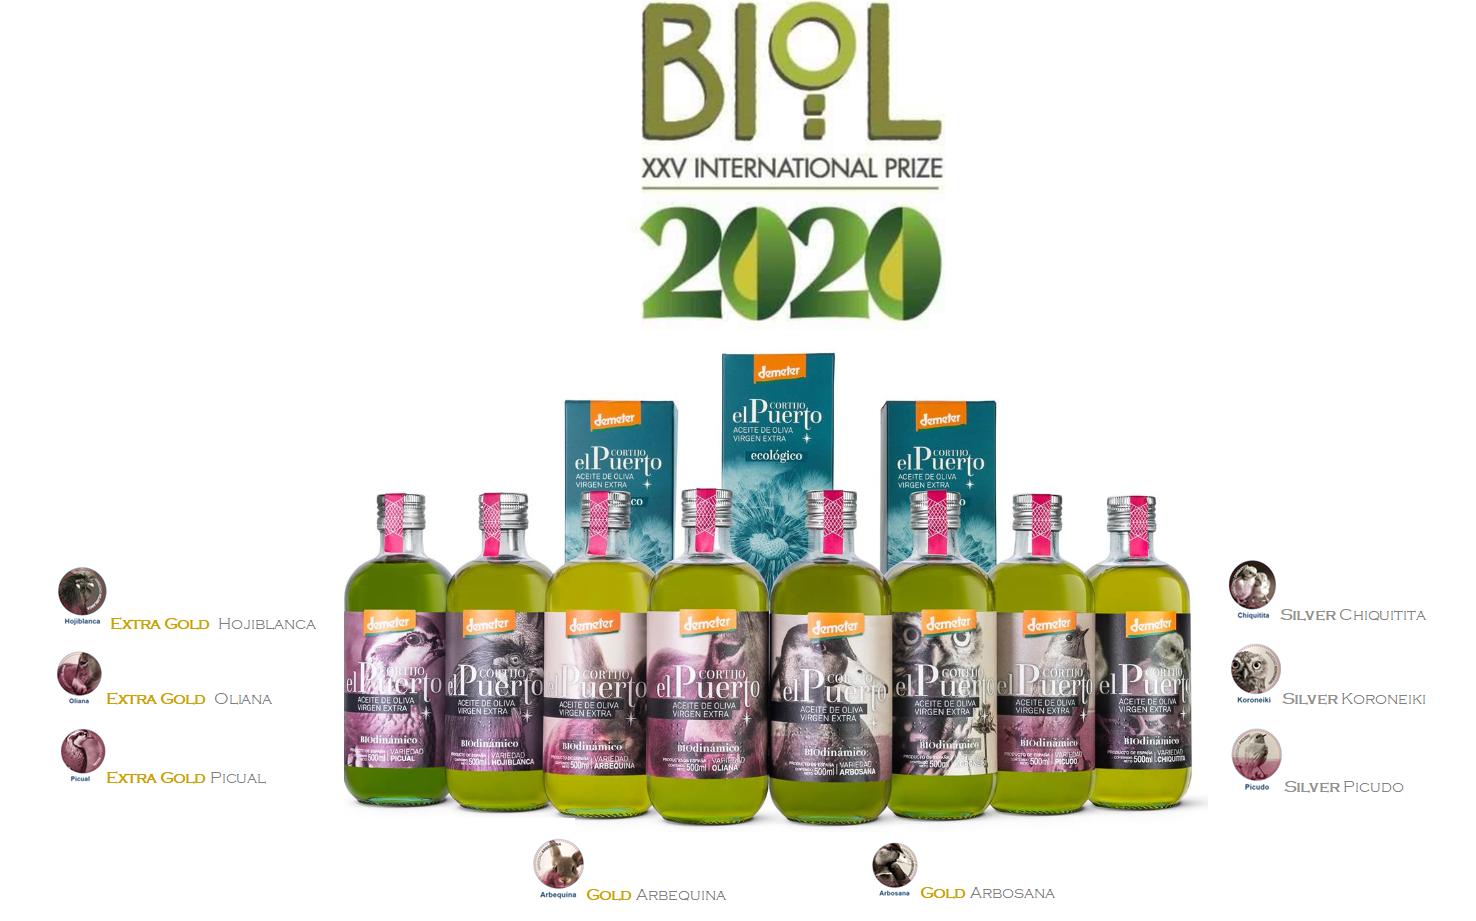 BIOL 2020_premios AOVE Ecológico biodinámico_Cortijo el Puerto